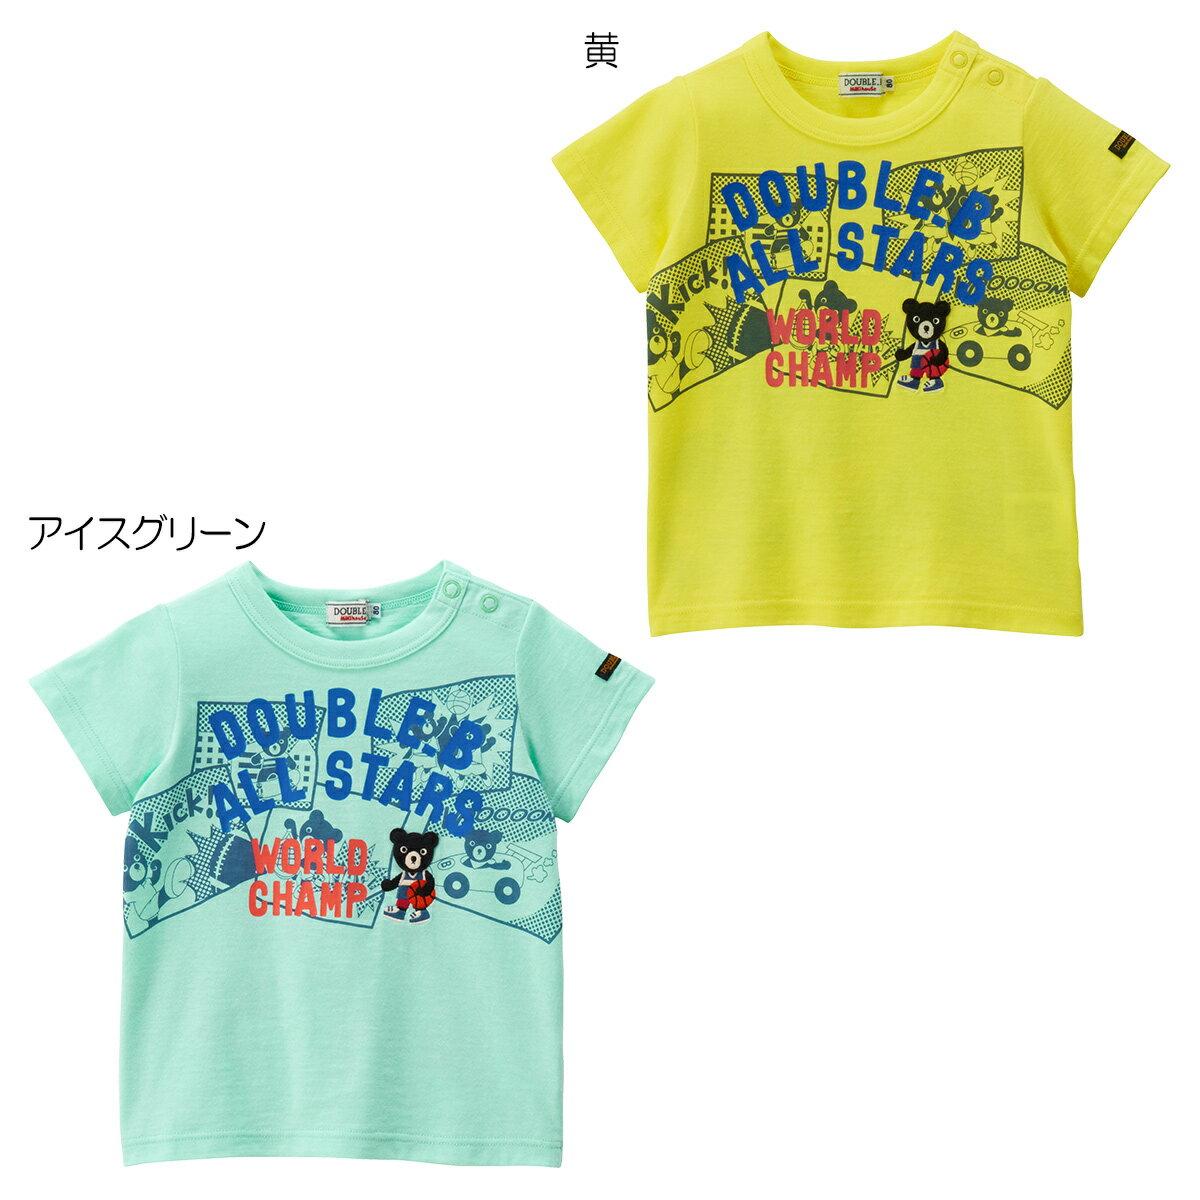 【SALE】アメコミ風プリント半袖Tシャツ(140cm)[ミキハウス ダブルB][セール][アウトレット]